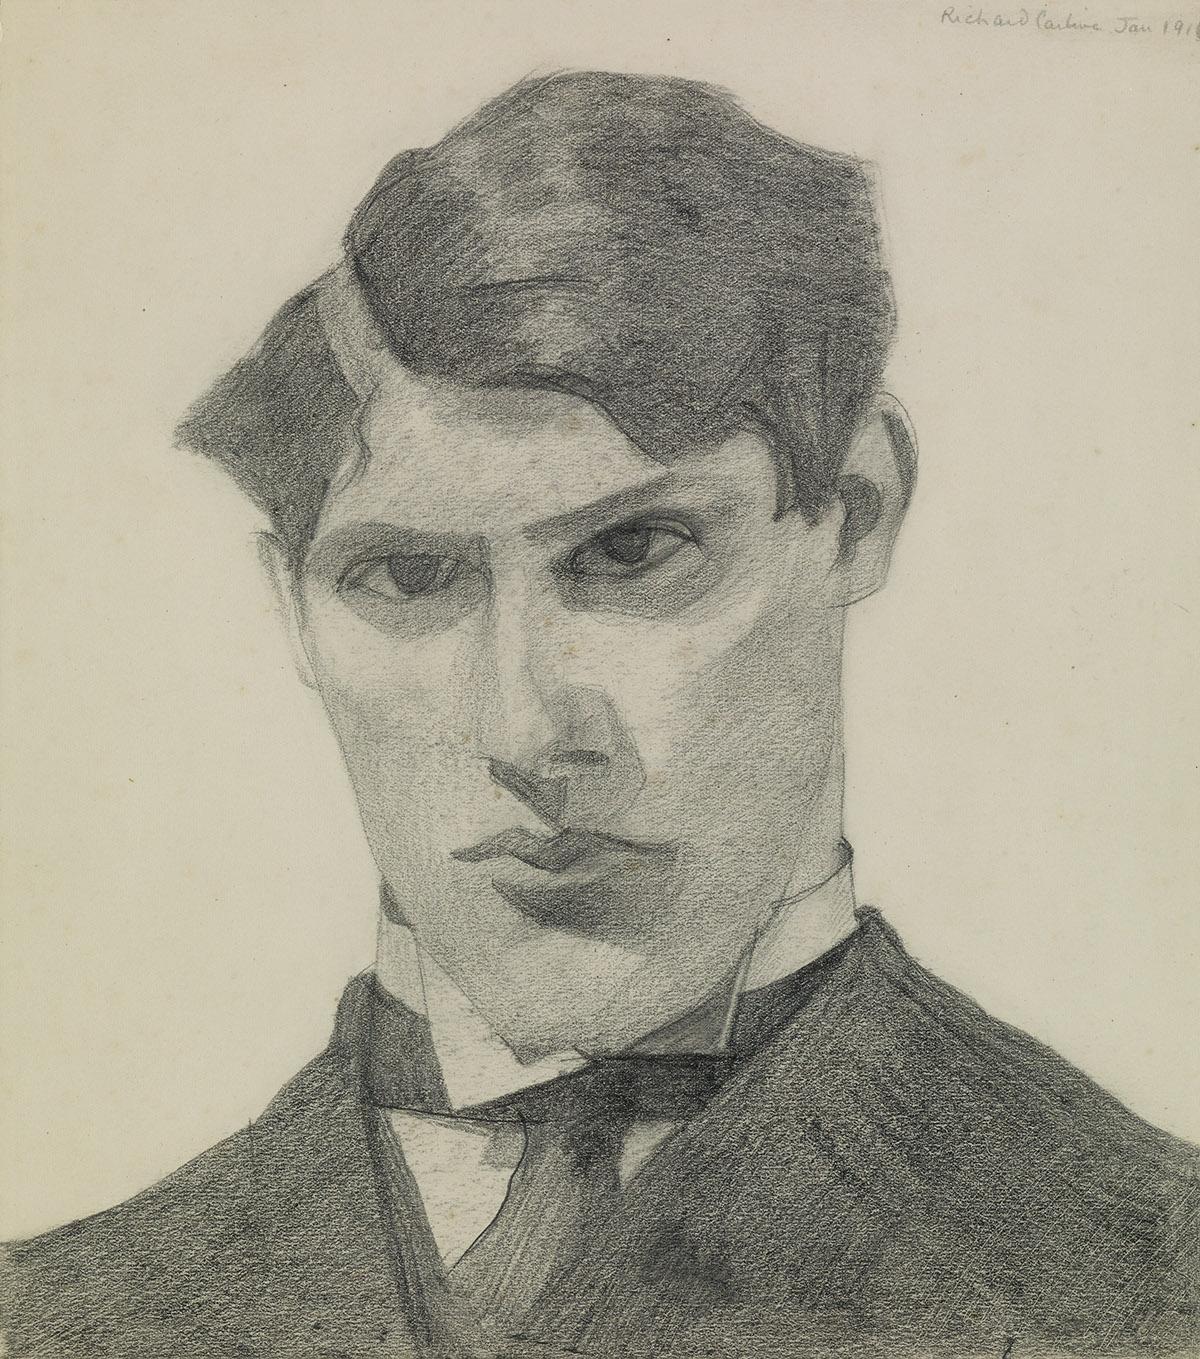 RICHARD-CARLINE-(Oxford-1896-1980-London)-Portrait-of-a-Youn